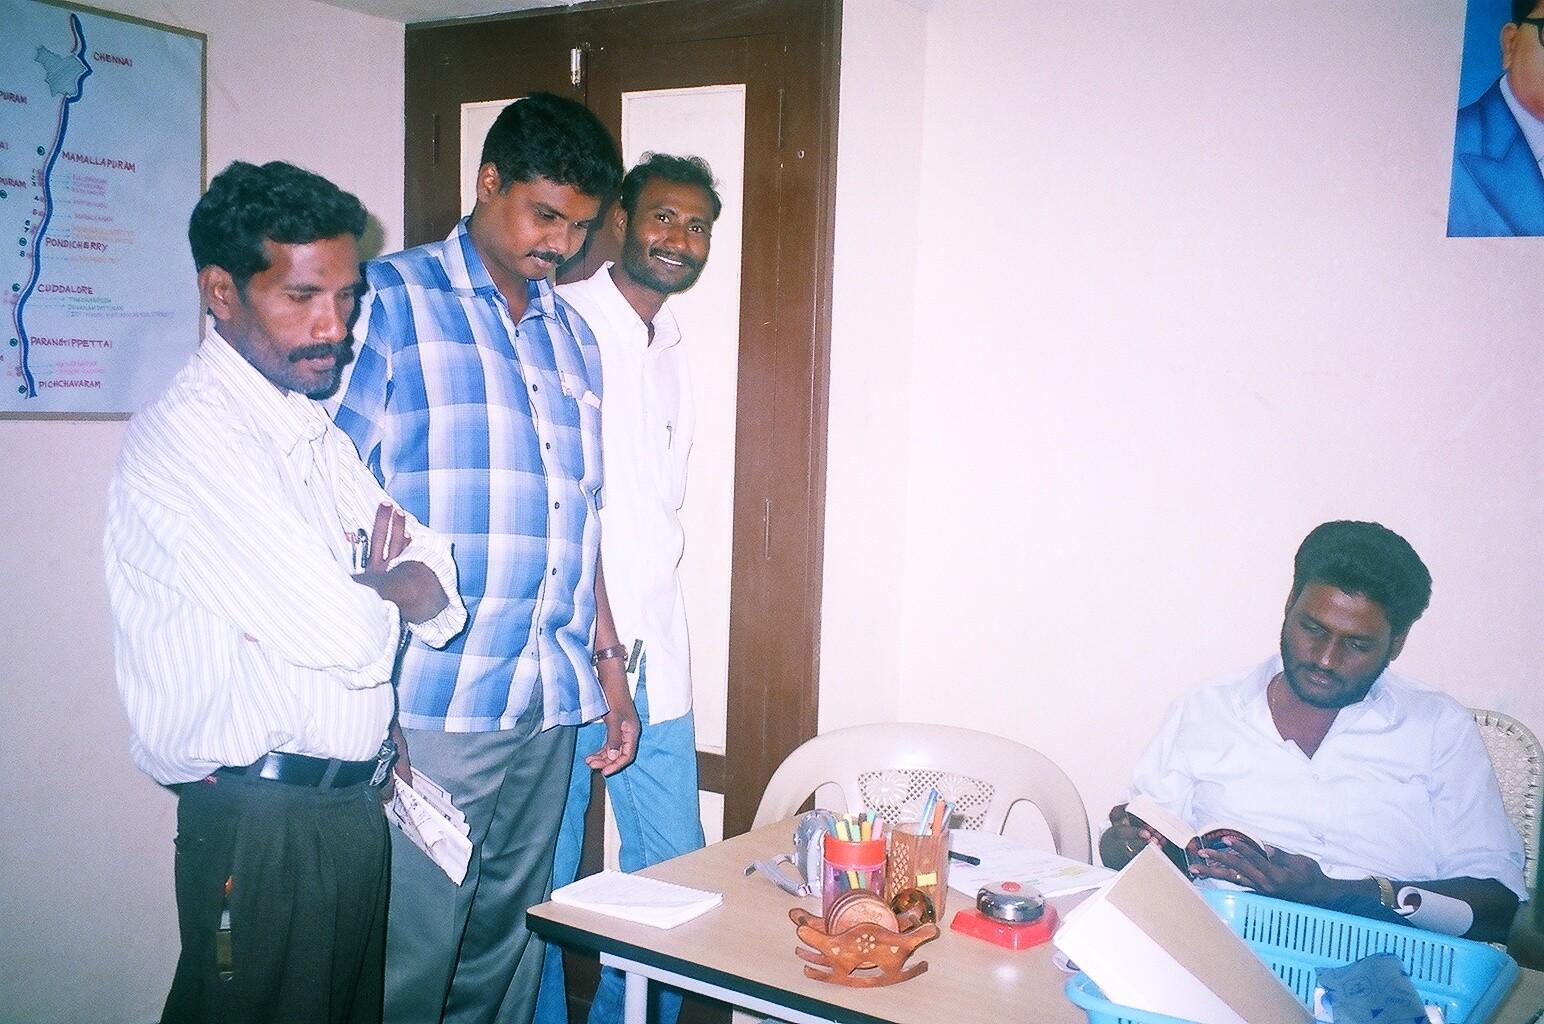 Décembre 2005 - Dans le bureau éphémère spécial tsunami de Pondichéry